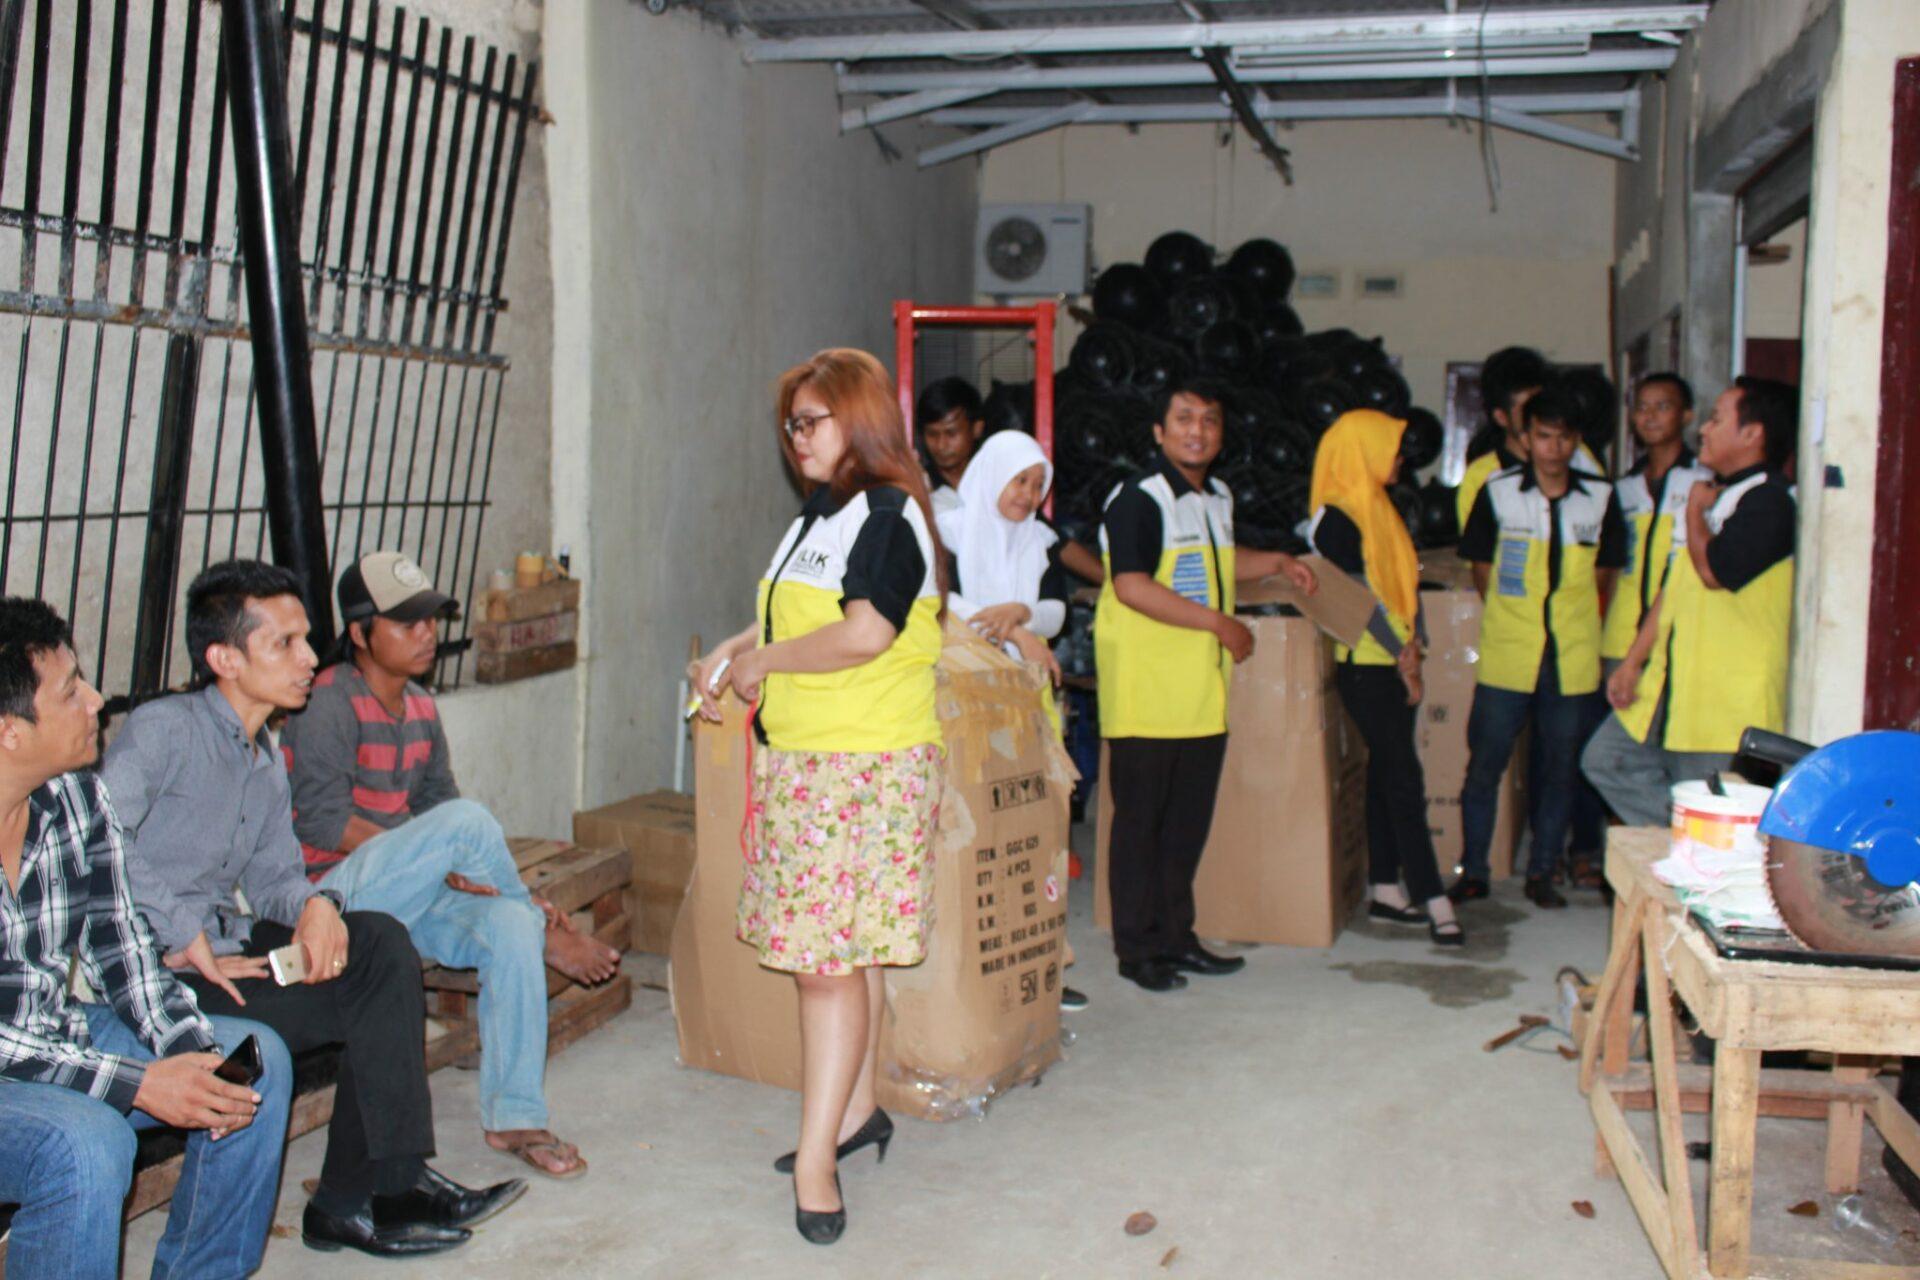 Perusahaan Cargo Tarif Murah Dan Terpercaya Klik Logistics